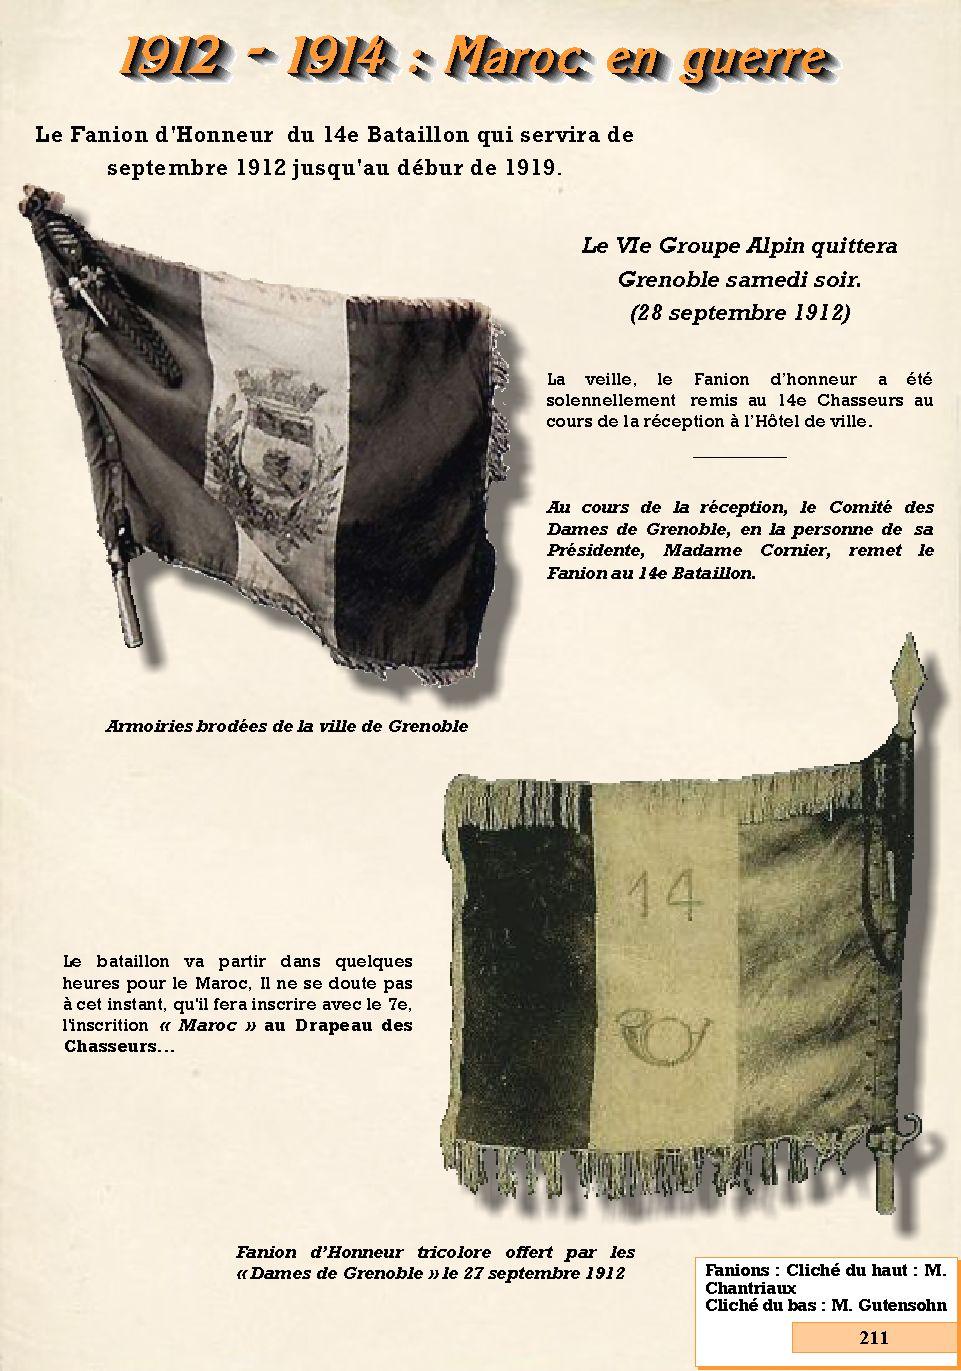 L'Historique du 14e Bataillon de Chasseurs. 1854 - 1962 211_pa10